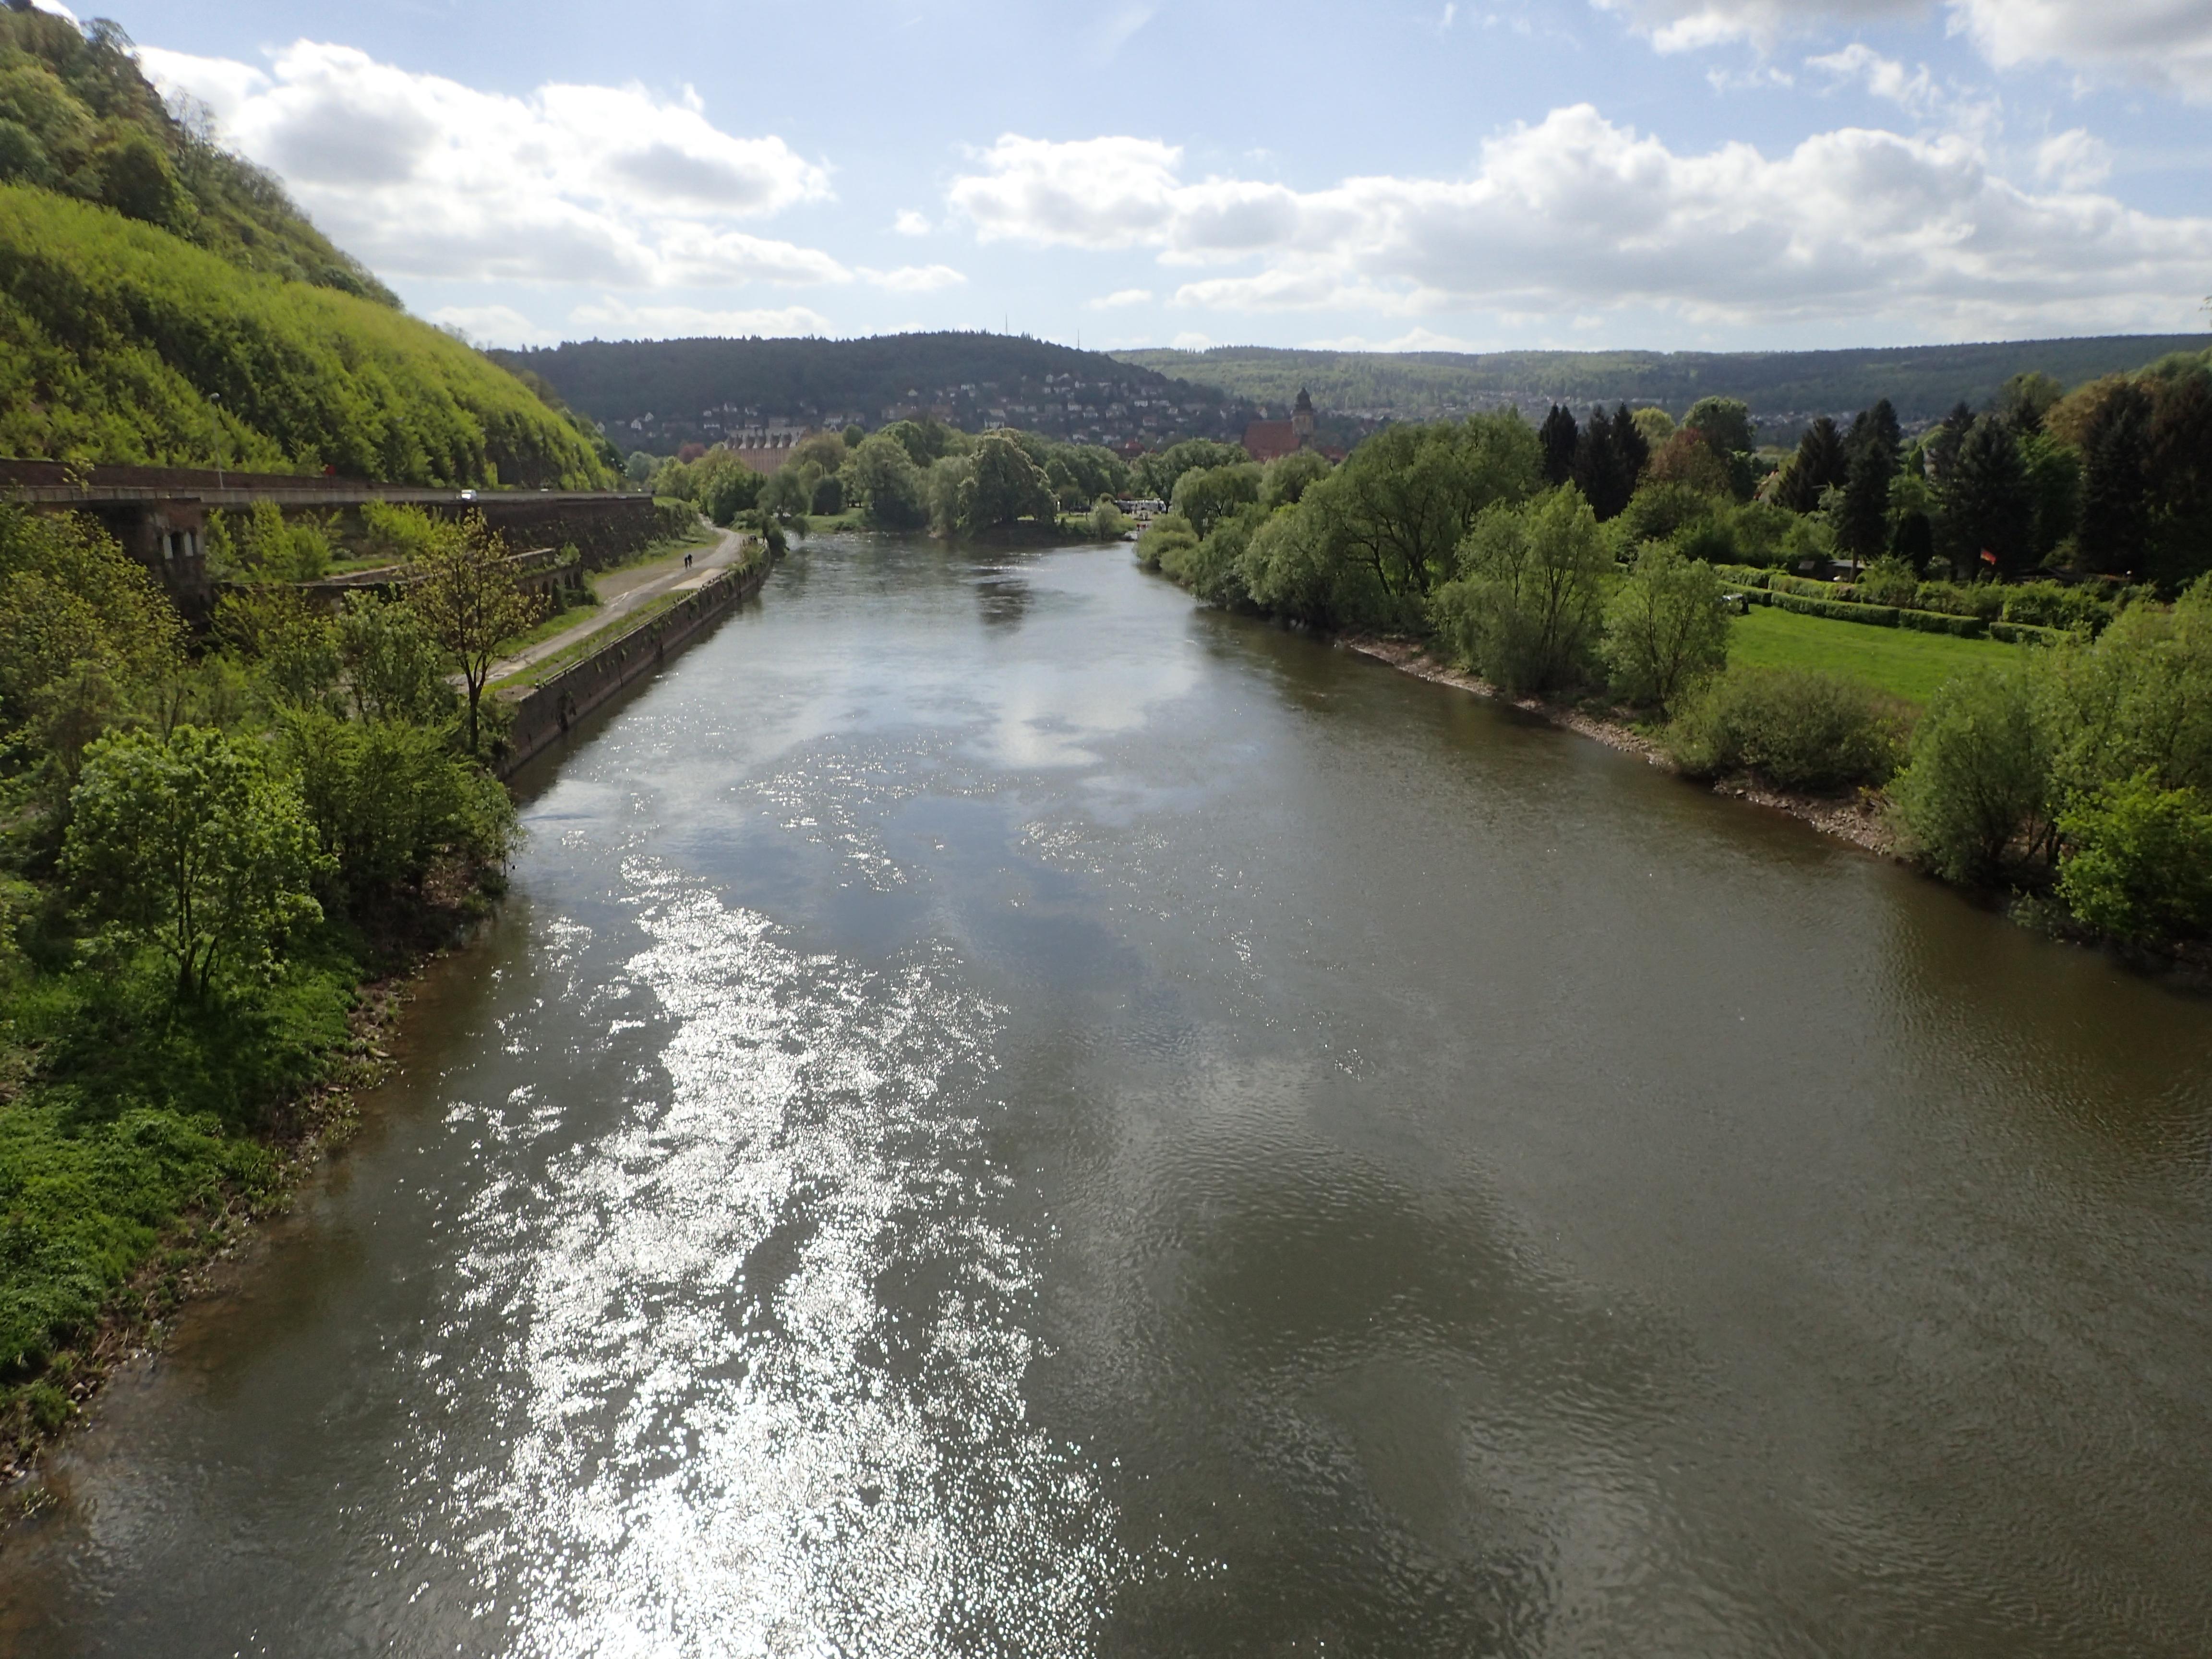 hier entsteht die Weser aus Werra und Fulda